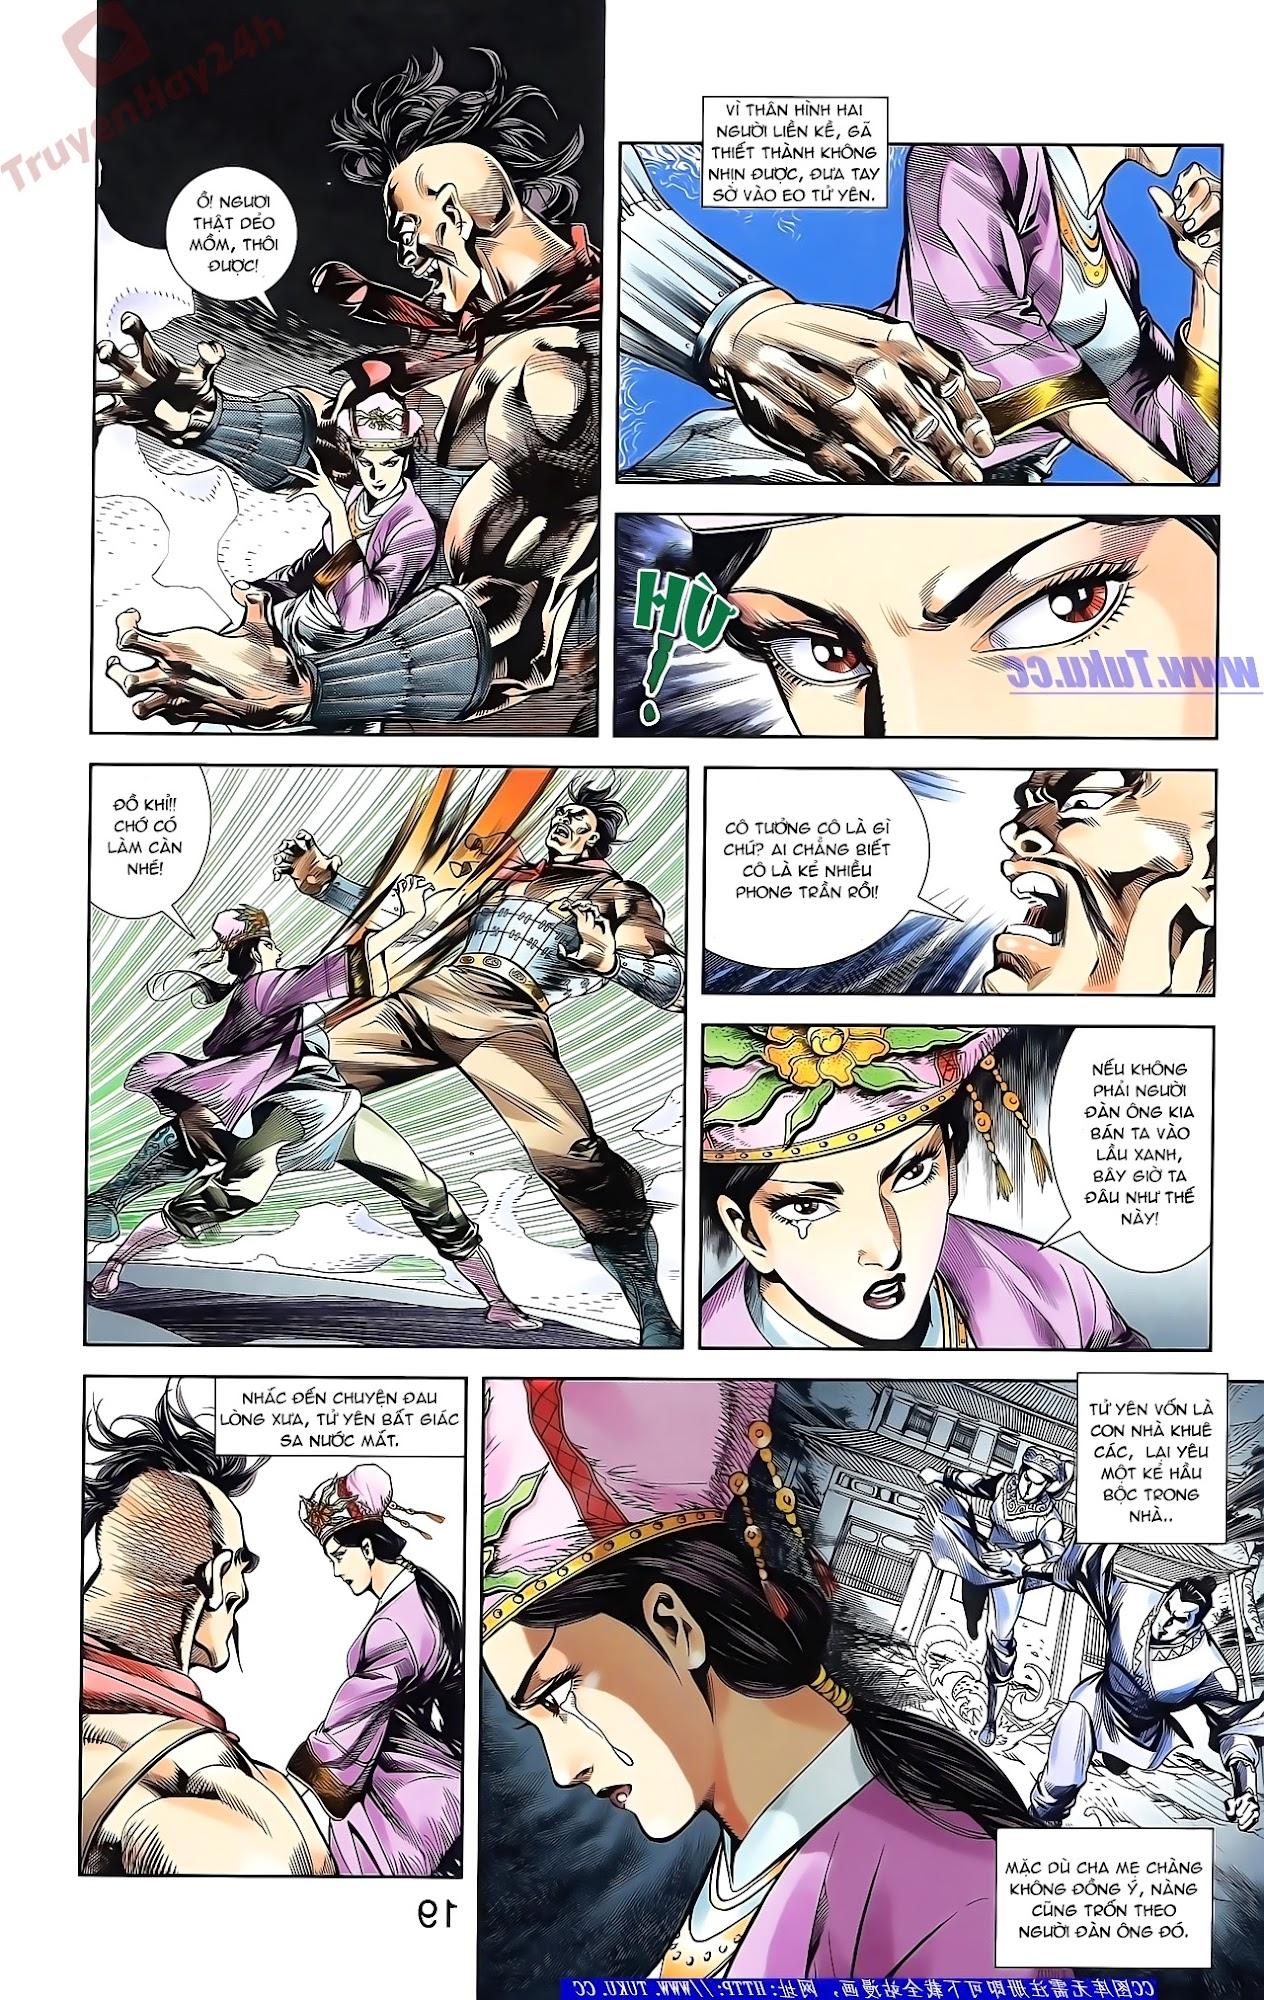 Tần Vương Doanh Chính chapter 50 trang 19